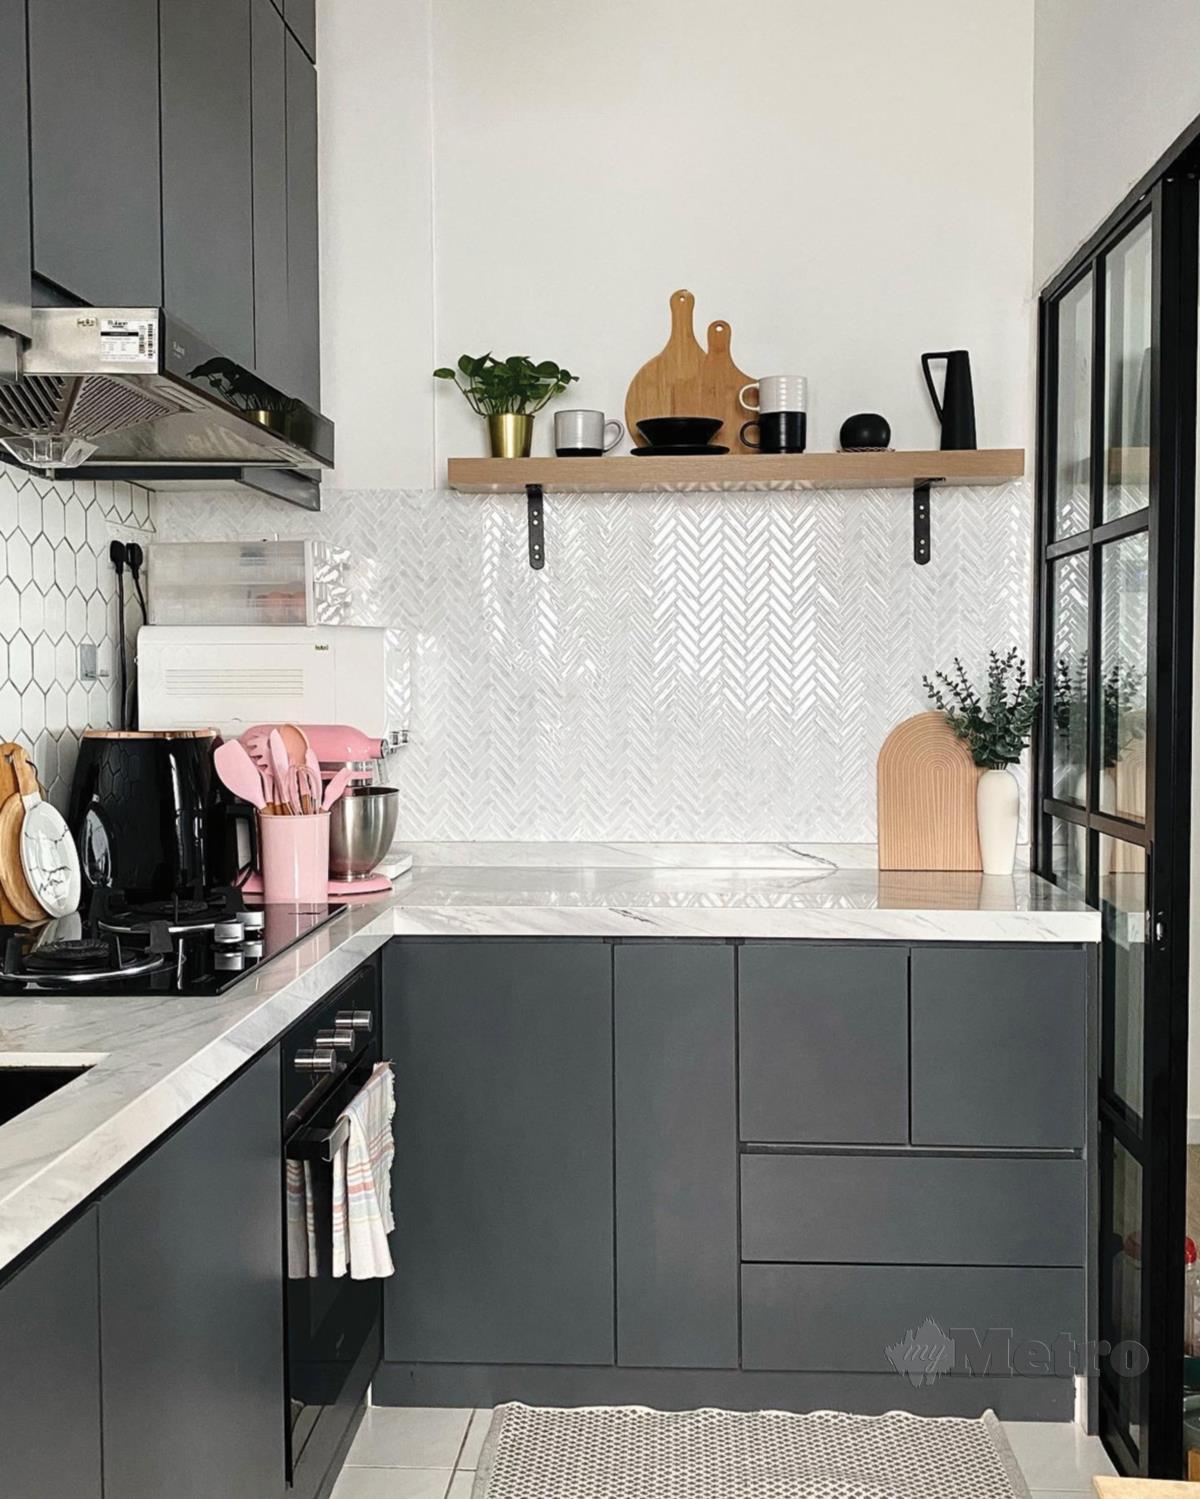 KERTAS dinding tiga dimensi mempunyai kesinambungan gaya dengan 'kitchen wall splash'.